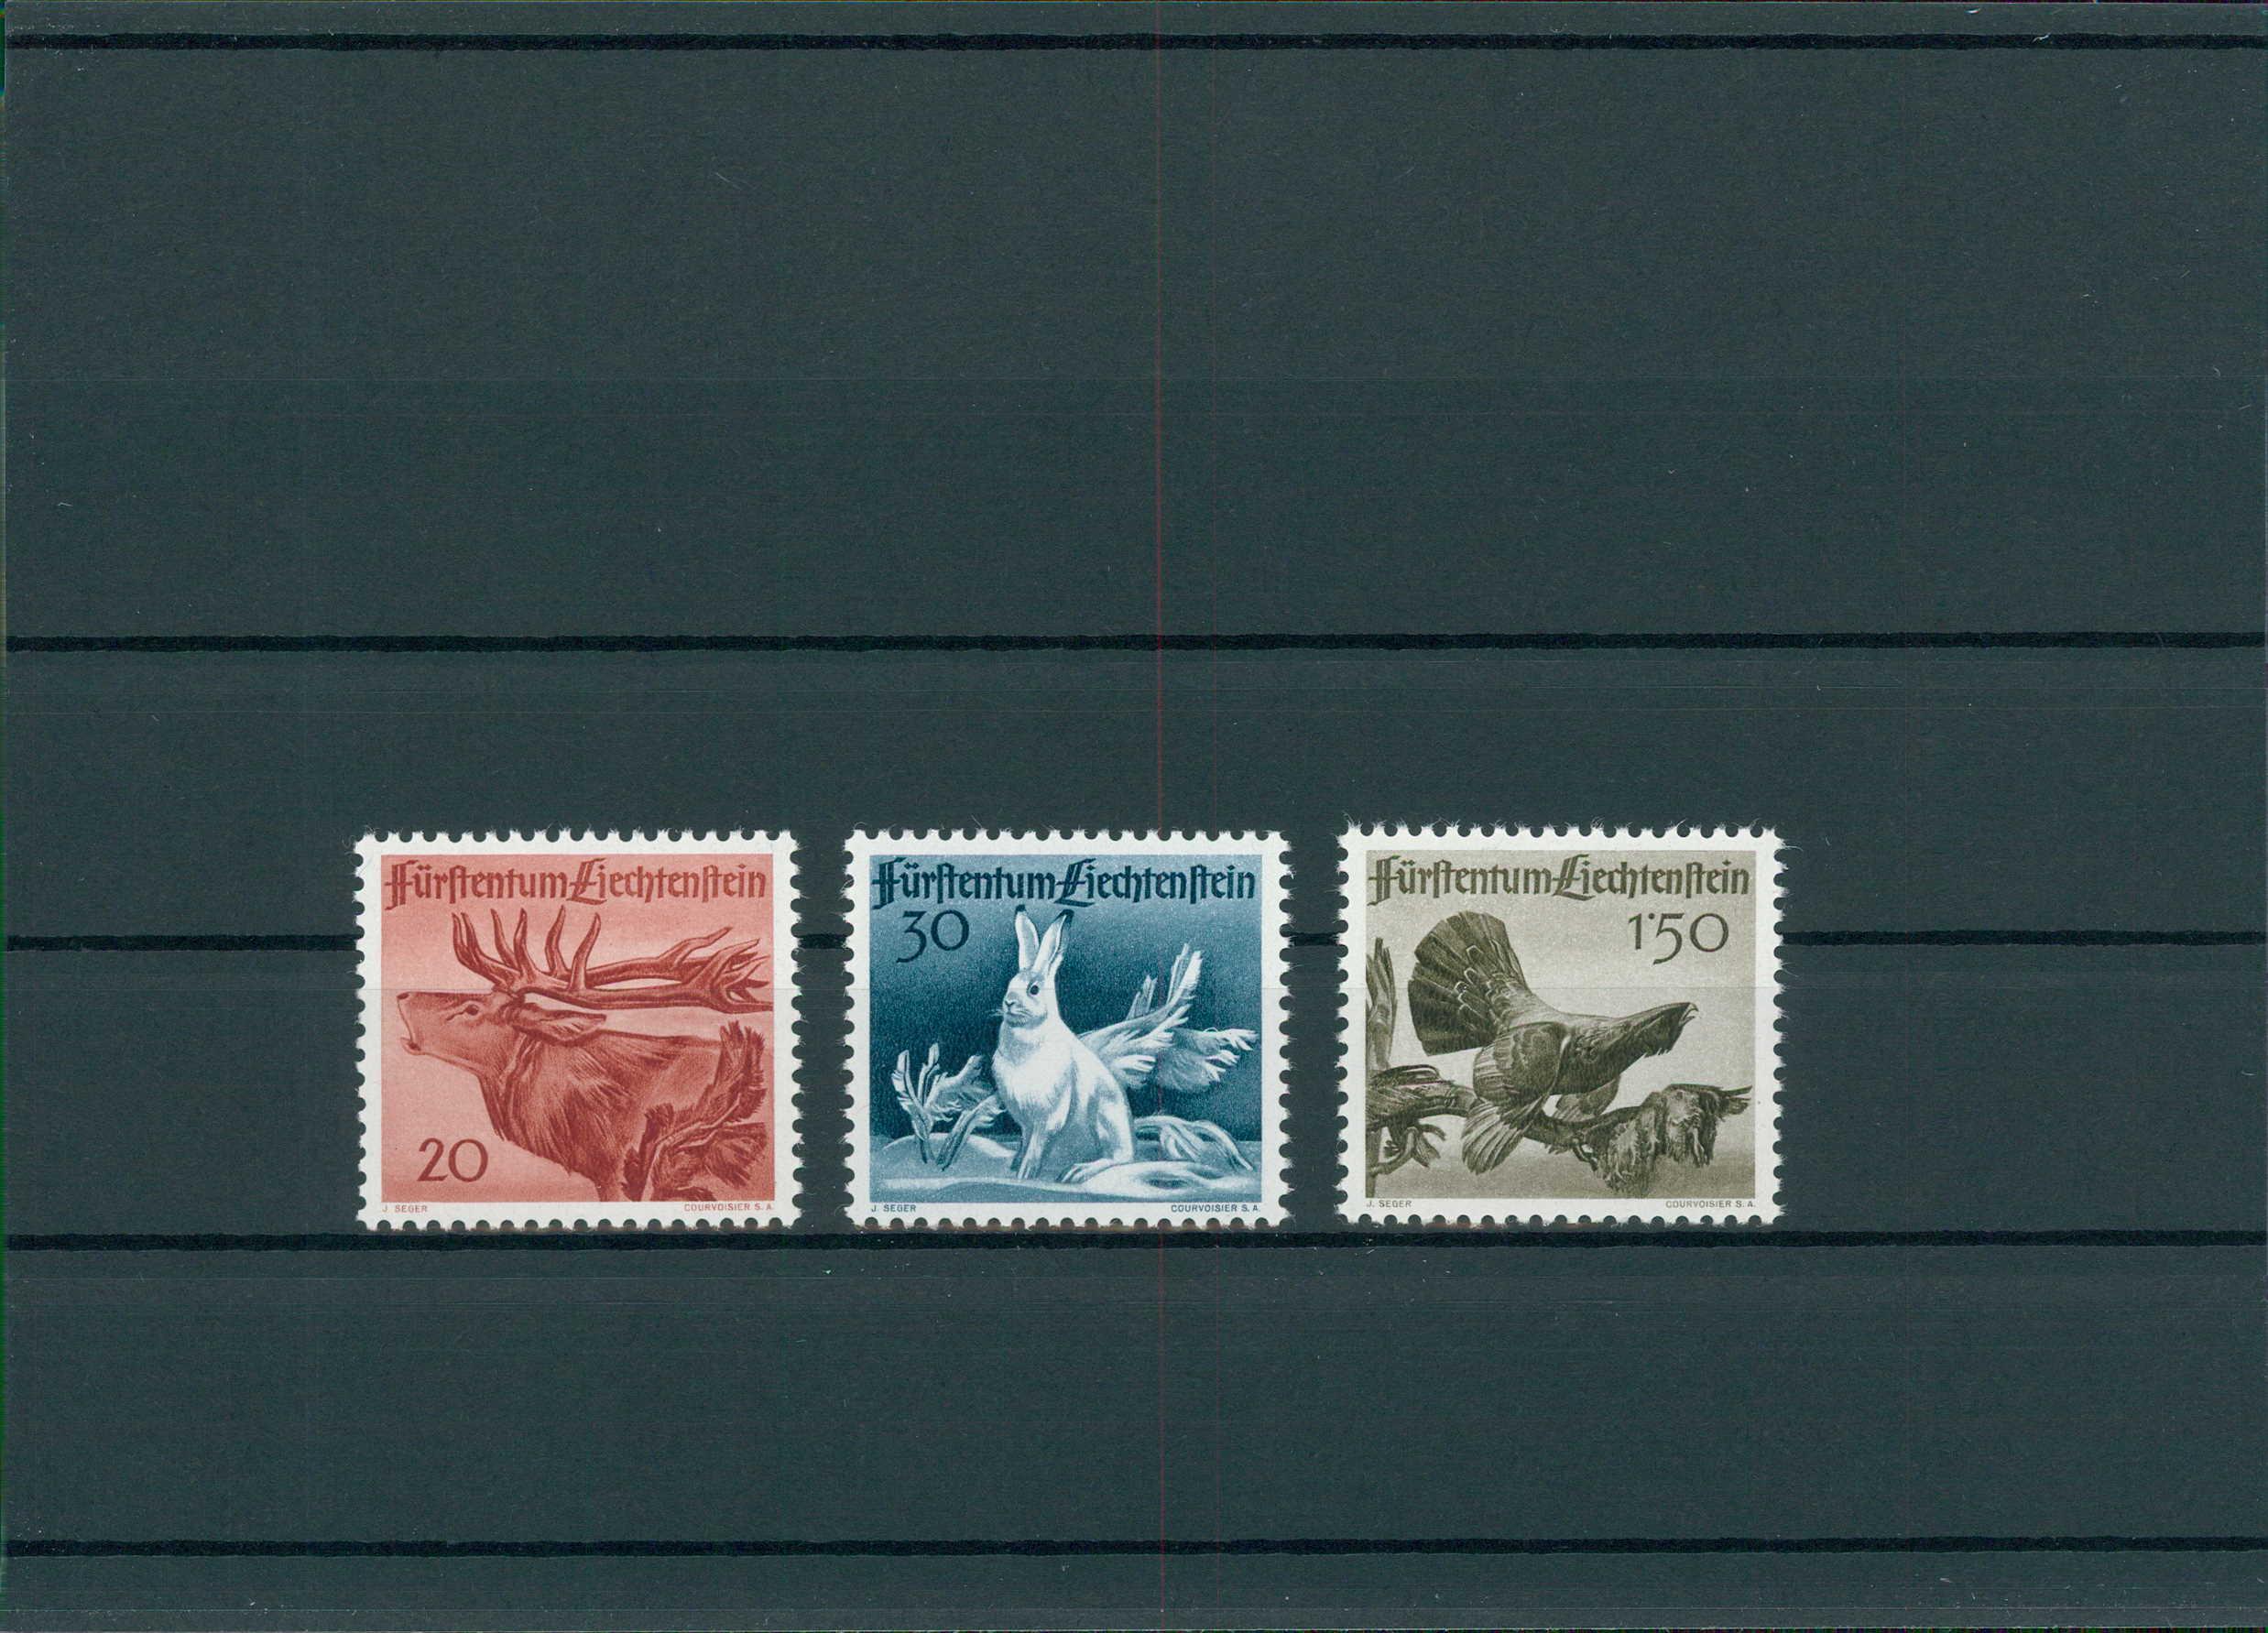 europa:5277 Europa Zypern Michelnummer 461-463 Postfrisch